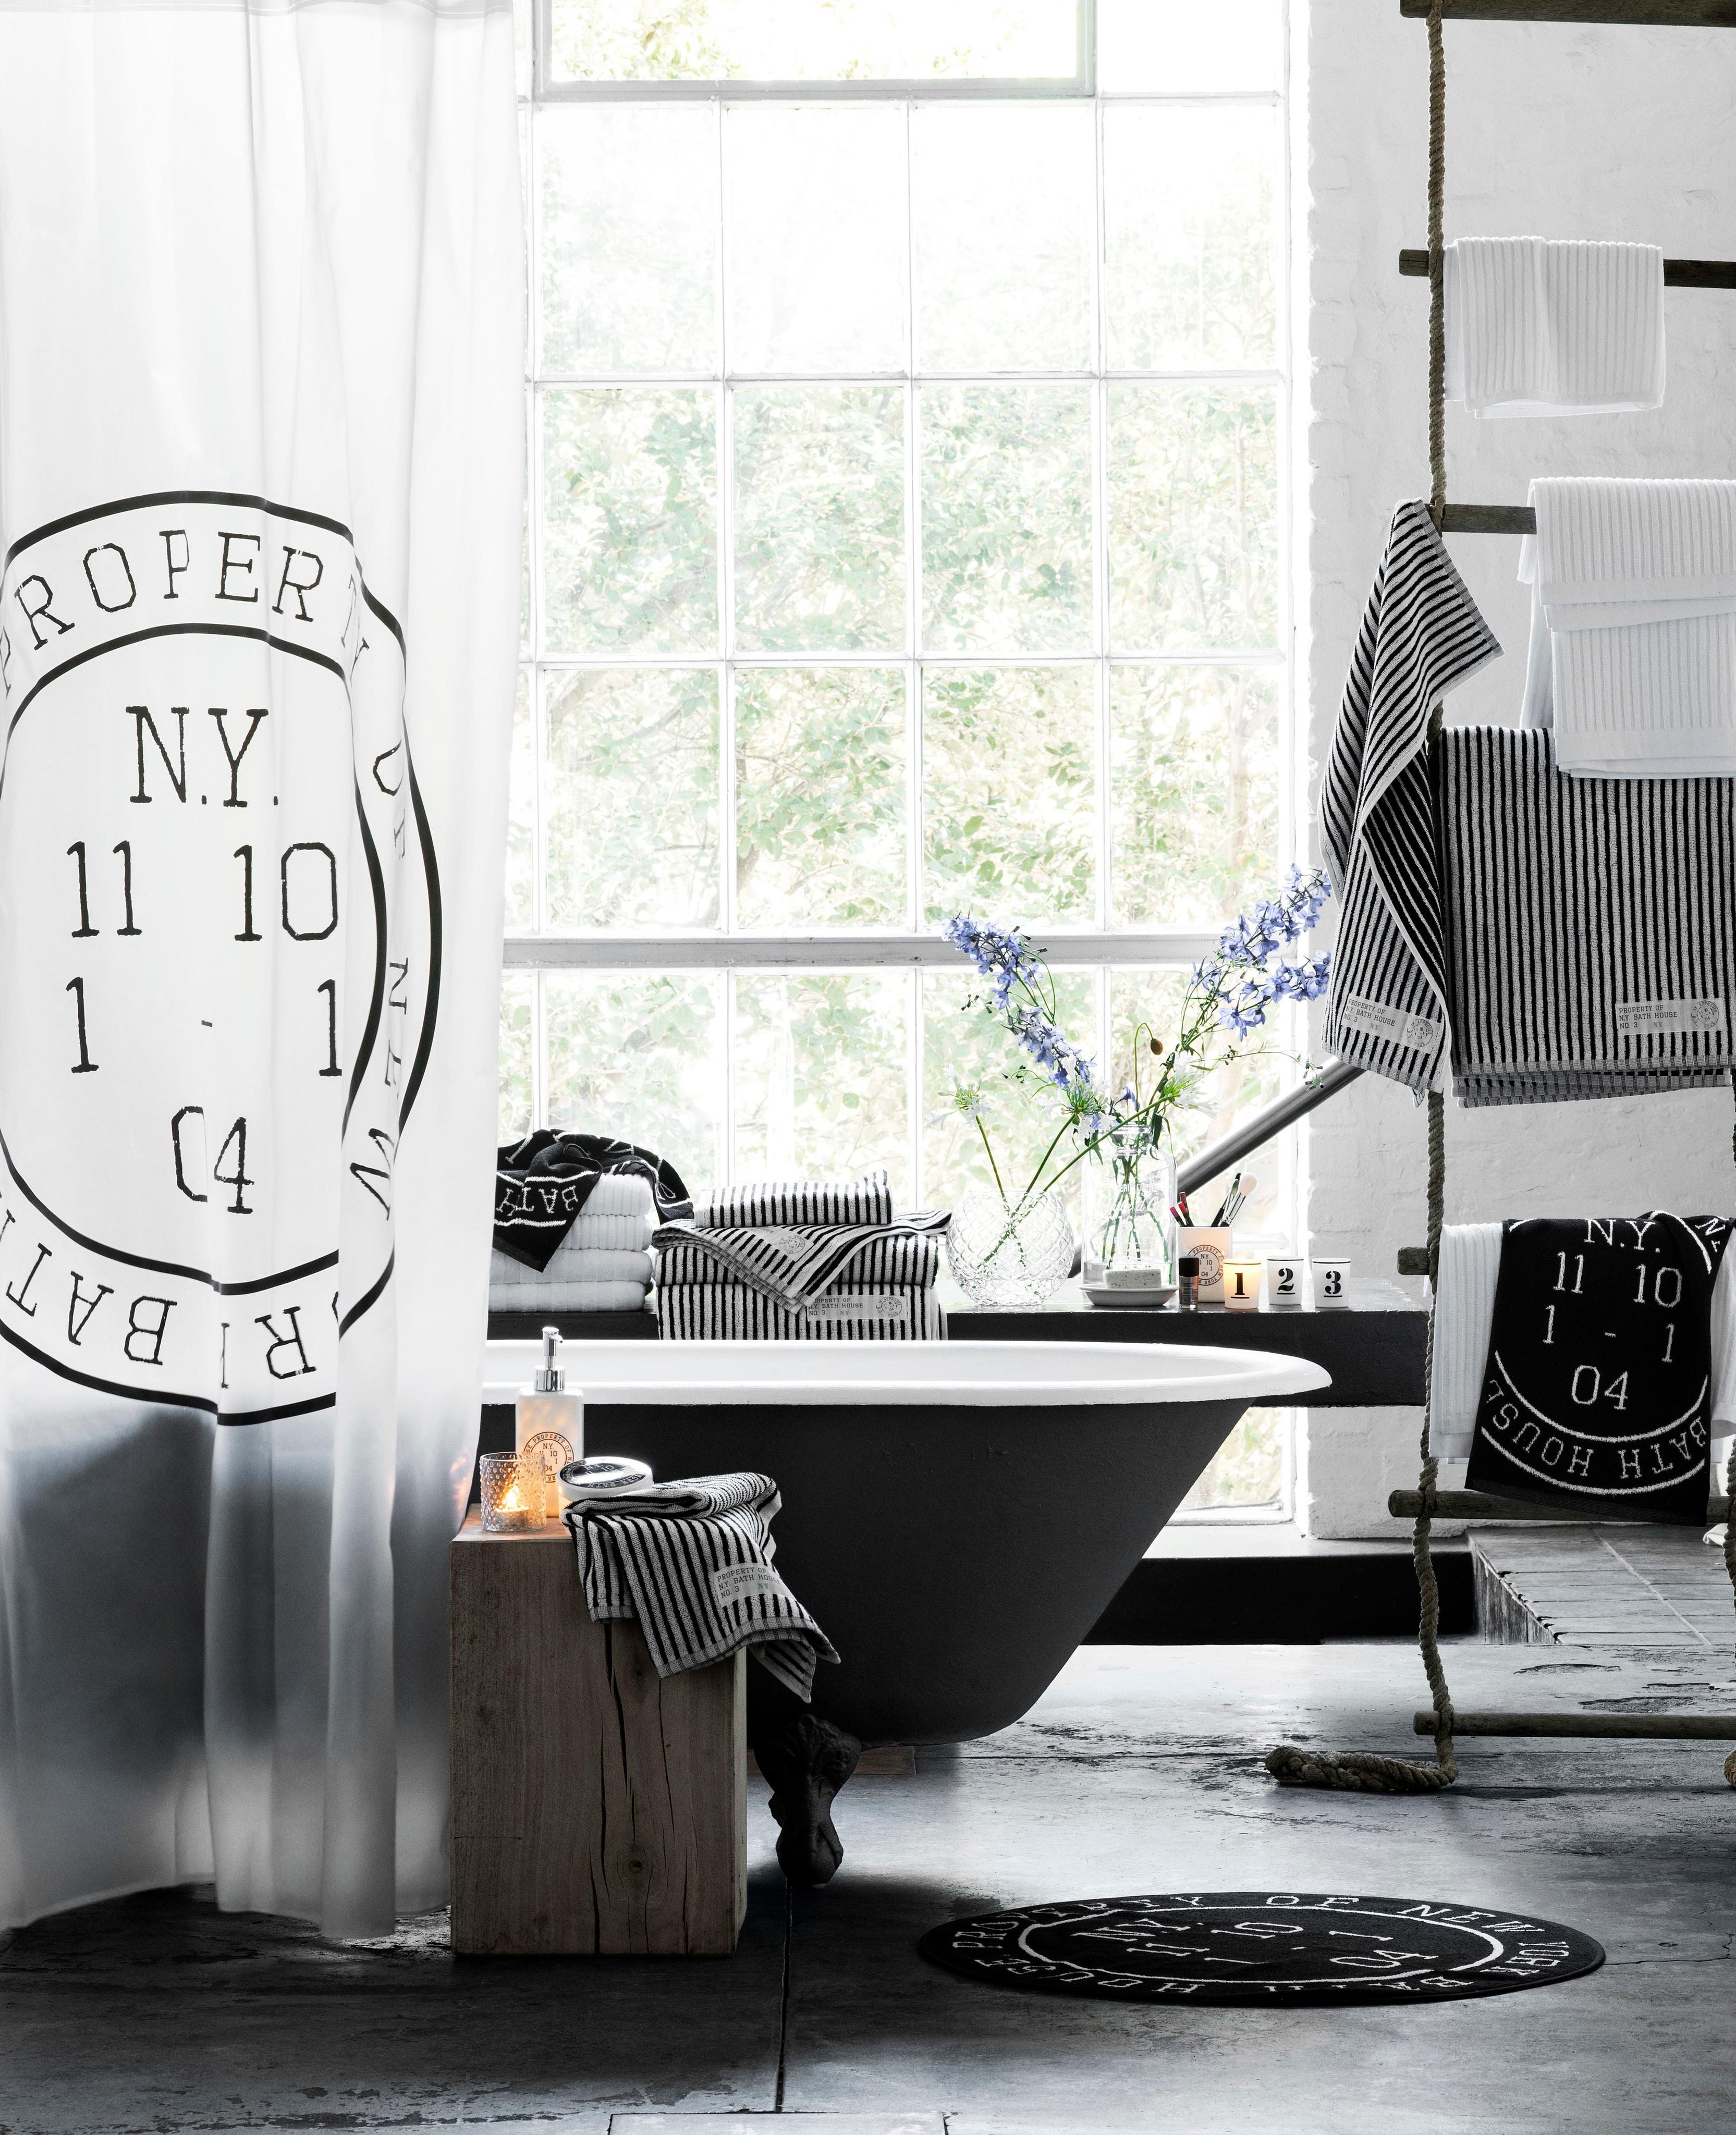 duschvorhang die sch nsten ideen und gestaltungstipps. Black Bedroom Furniture Sets. Home Design Ideas